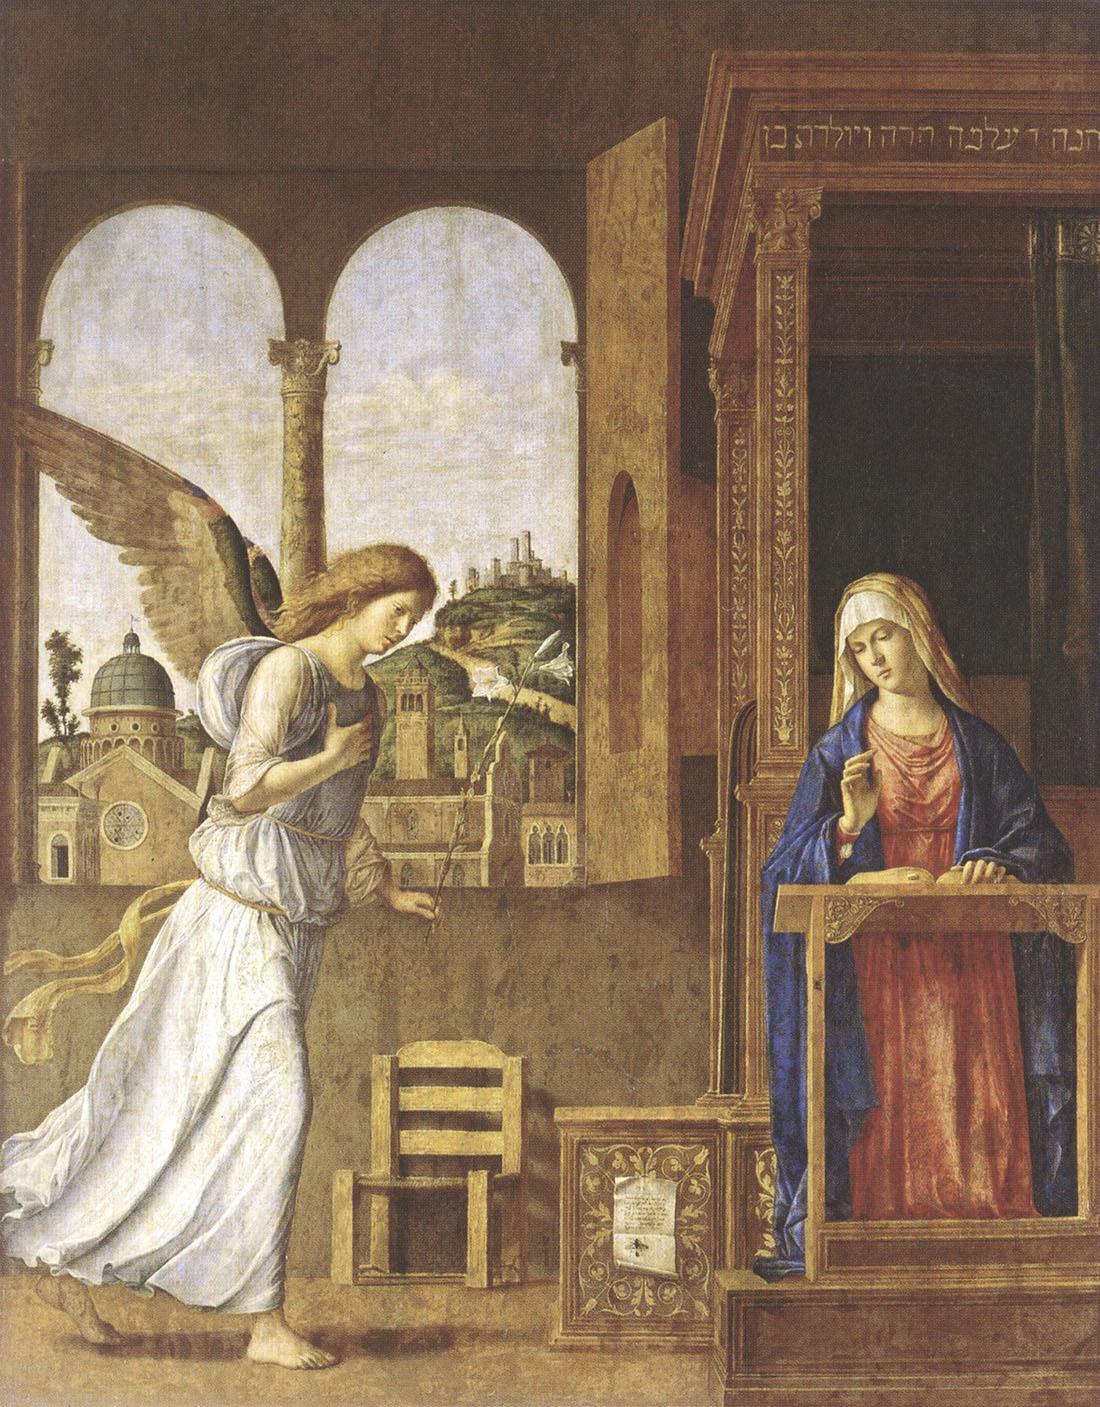 """Джованни Баттиста Чима да Конельяно. """"Благовещение"""". 1495."""